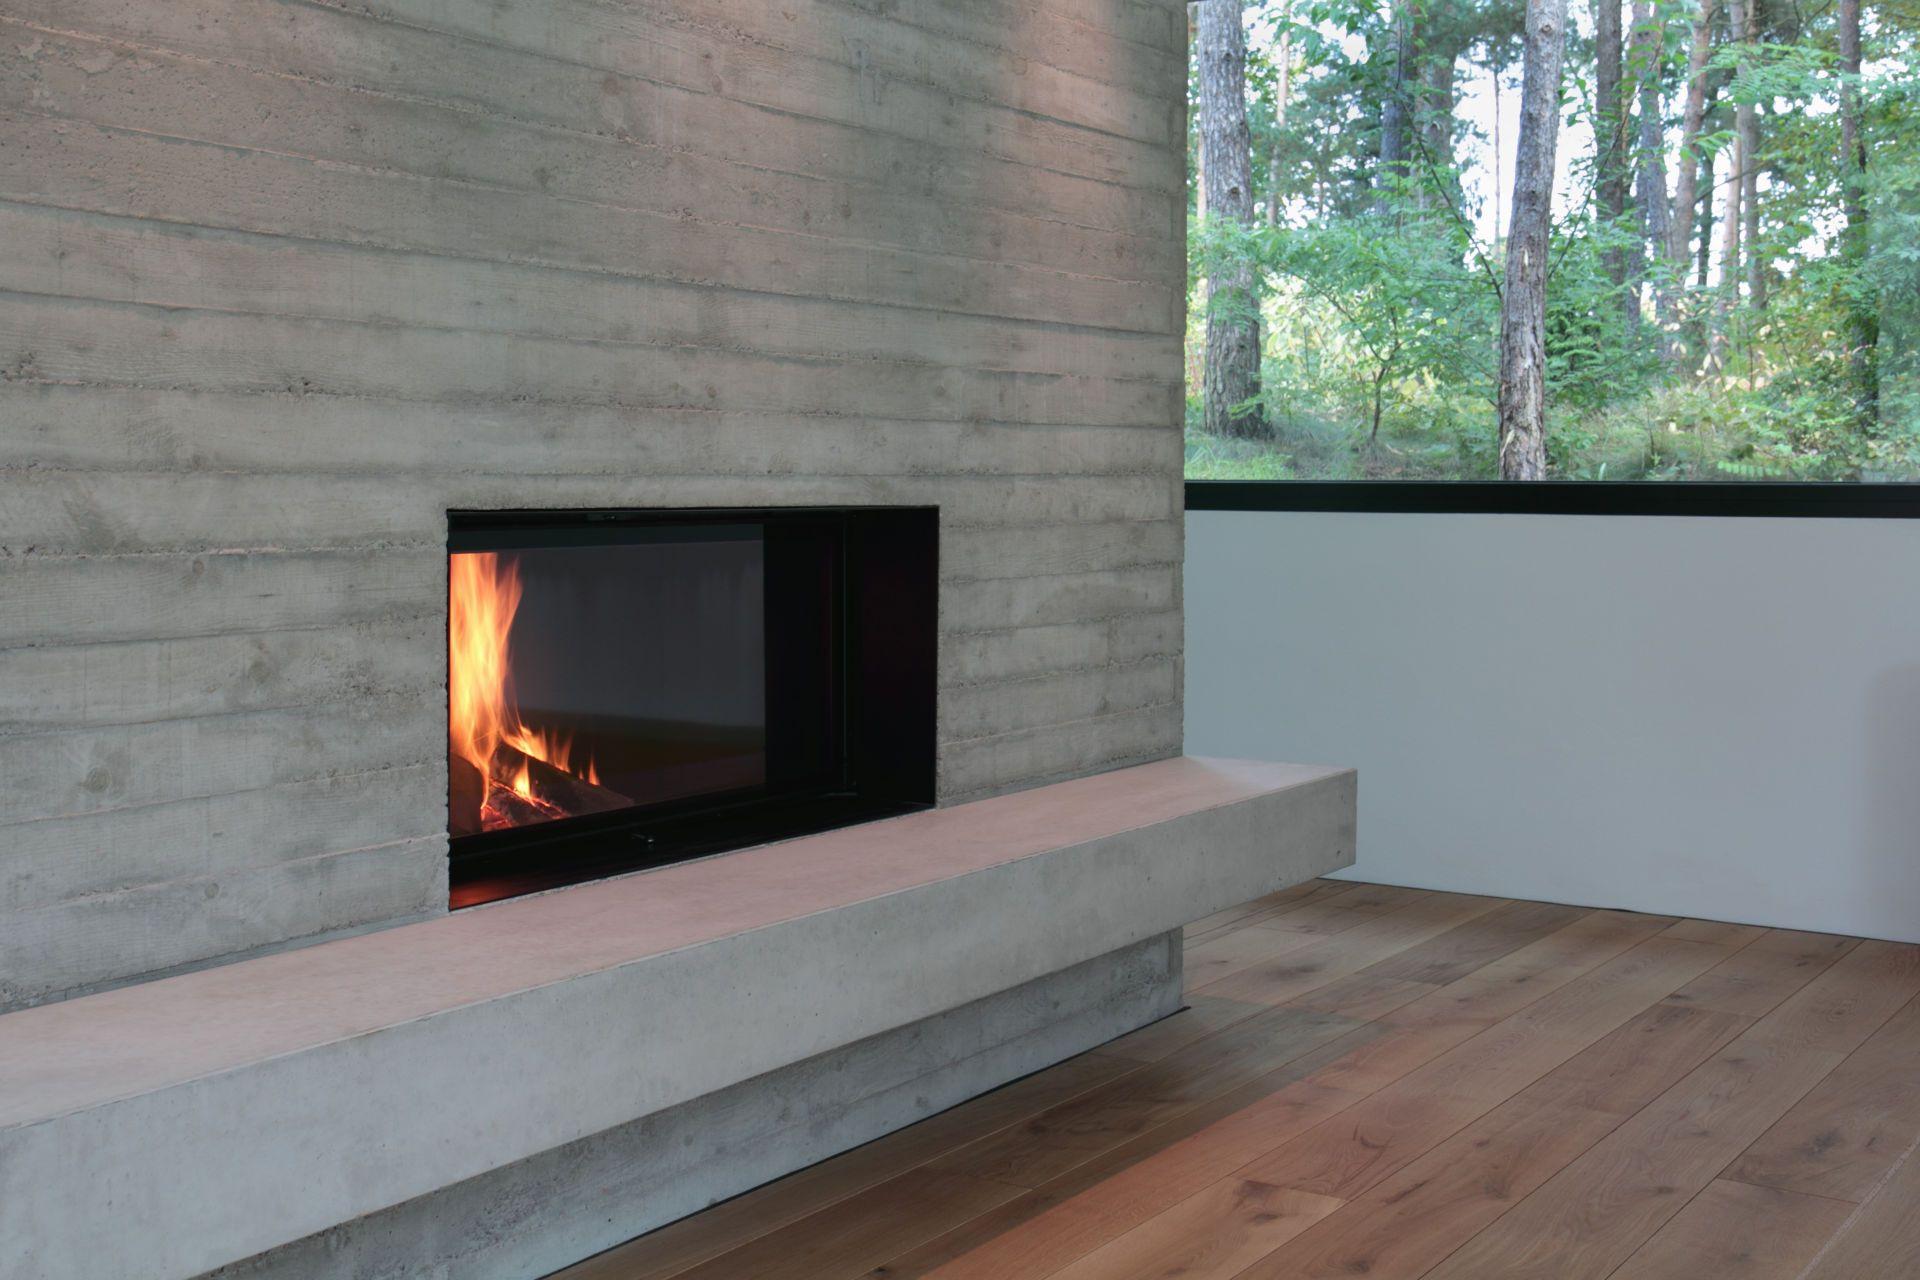 puristischer kamin in sichtbeton wand. Black Bedroom Furniture Sets. Home Design Ideas